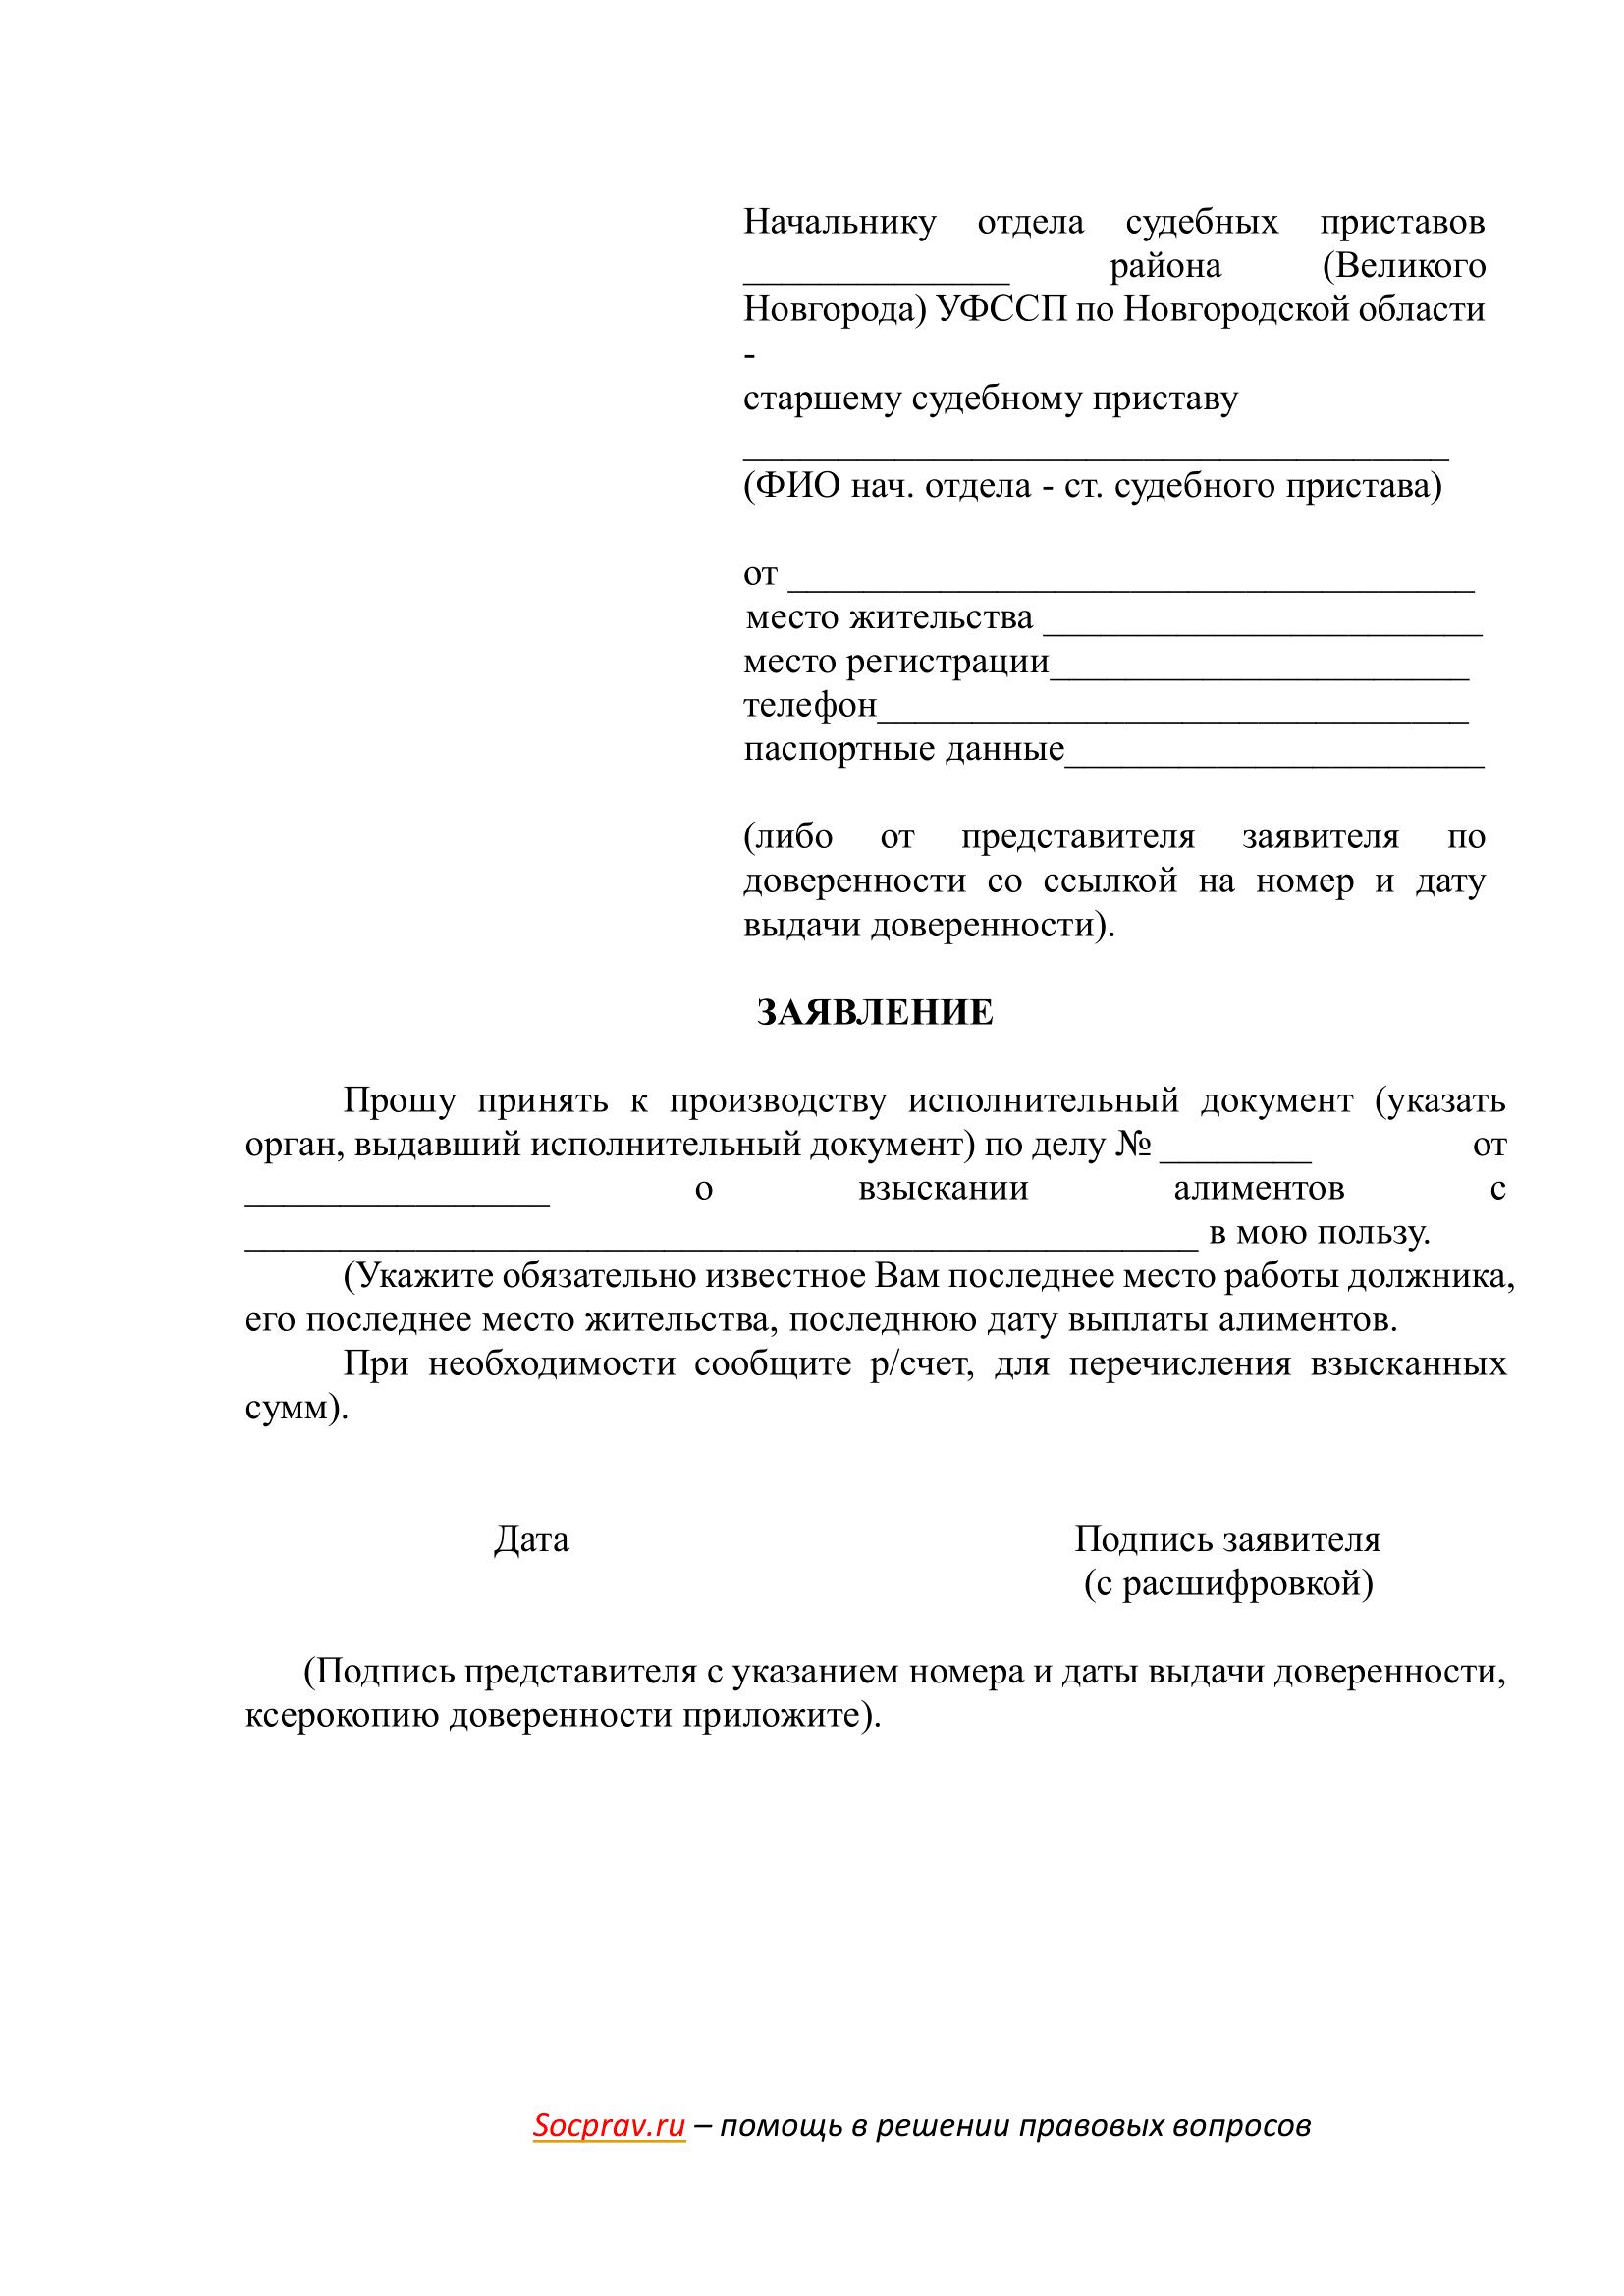 Заявление о принятии к производству исполнительного документа